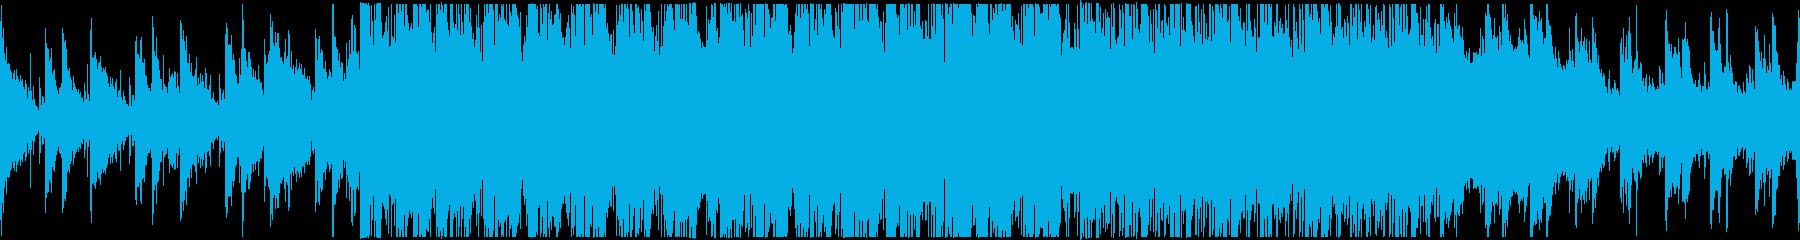 琴・ピアノが魅力の和風エレクトロニカの再生済みの波形